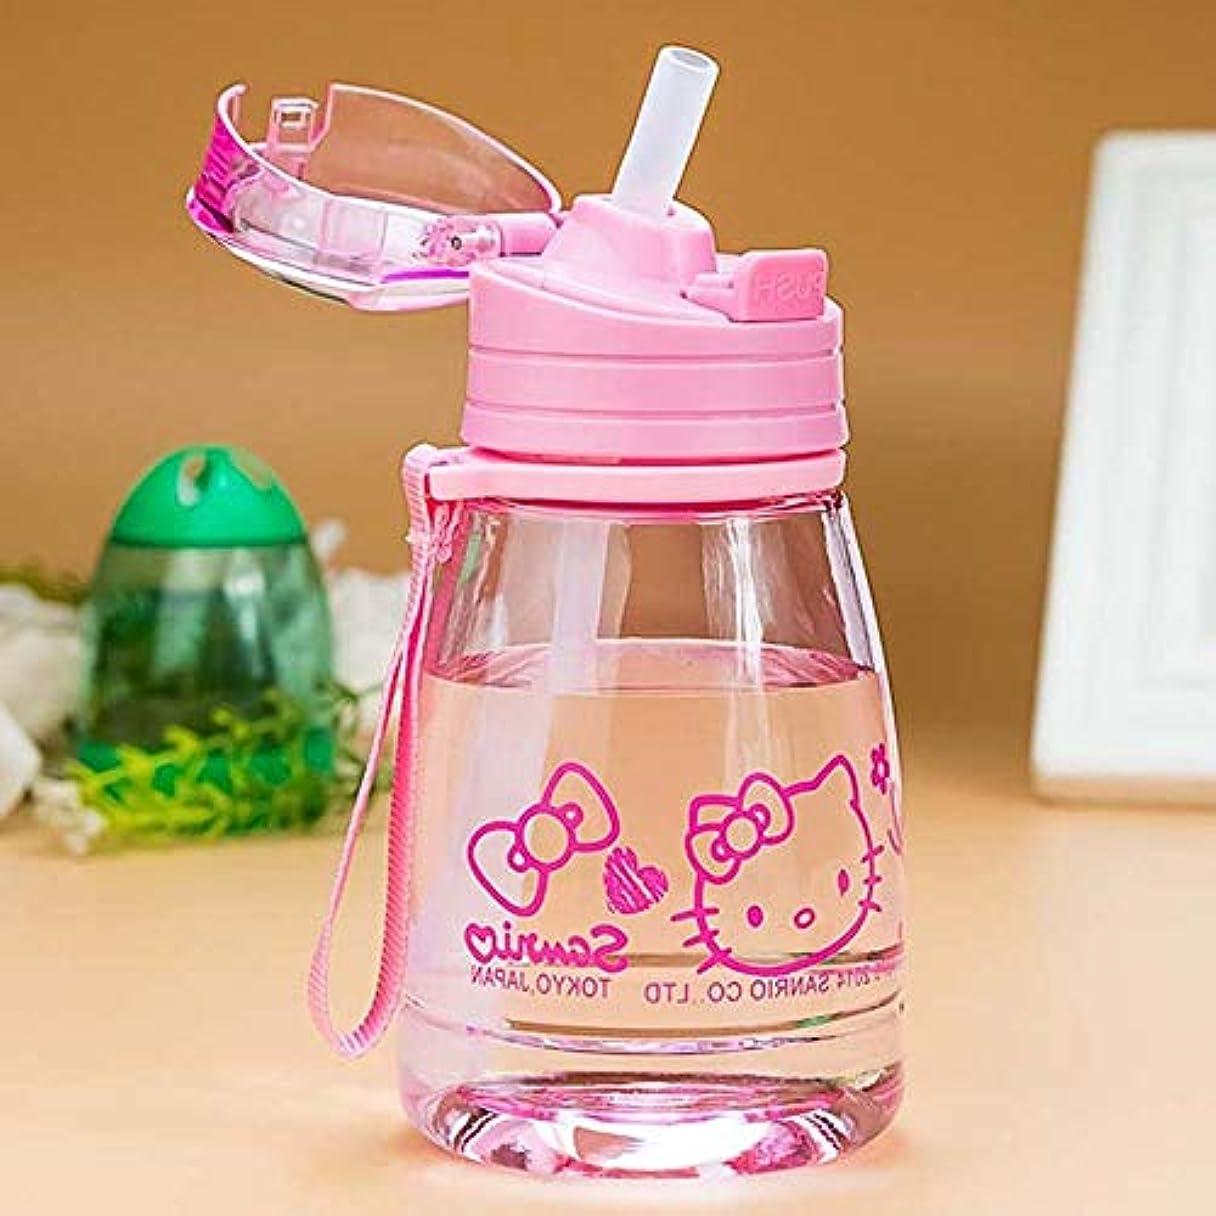 境界タワー入射Dobetter わらが付いている流行の水差し、350 mlかわいい様式の携帯用水差し (Color : Pink)